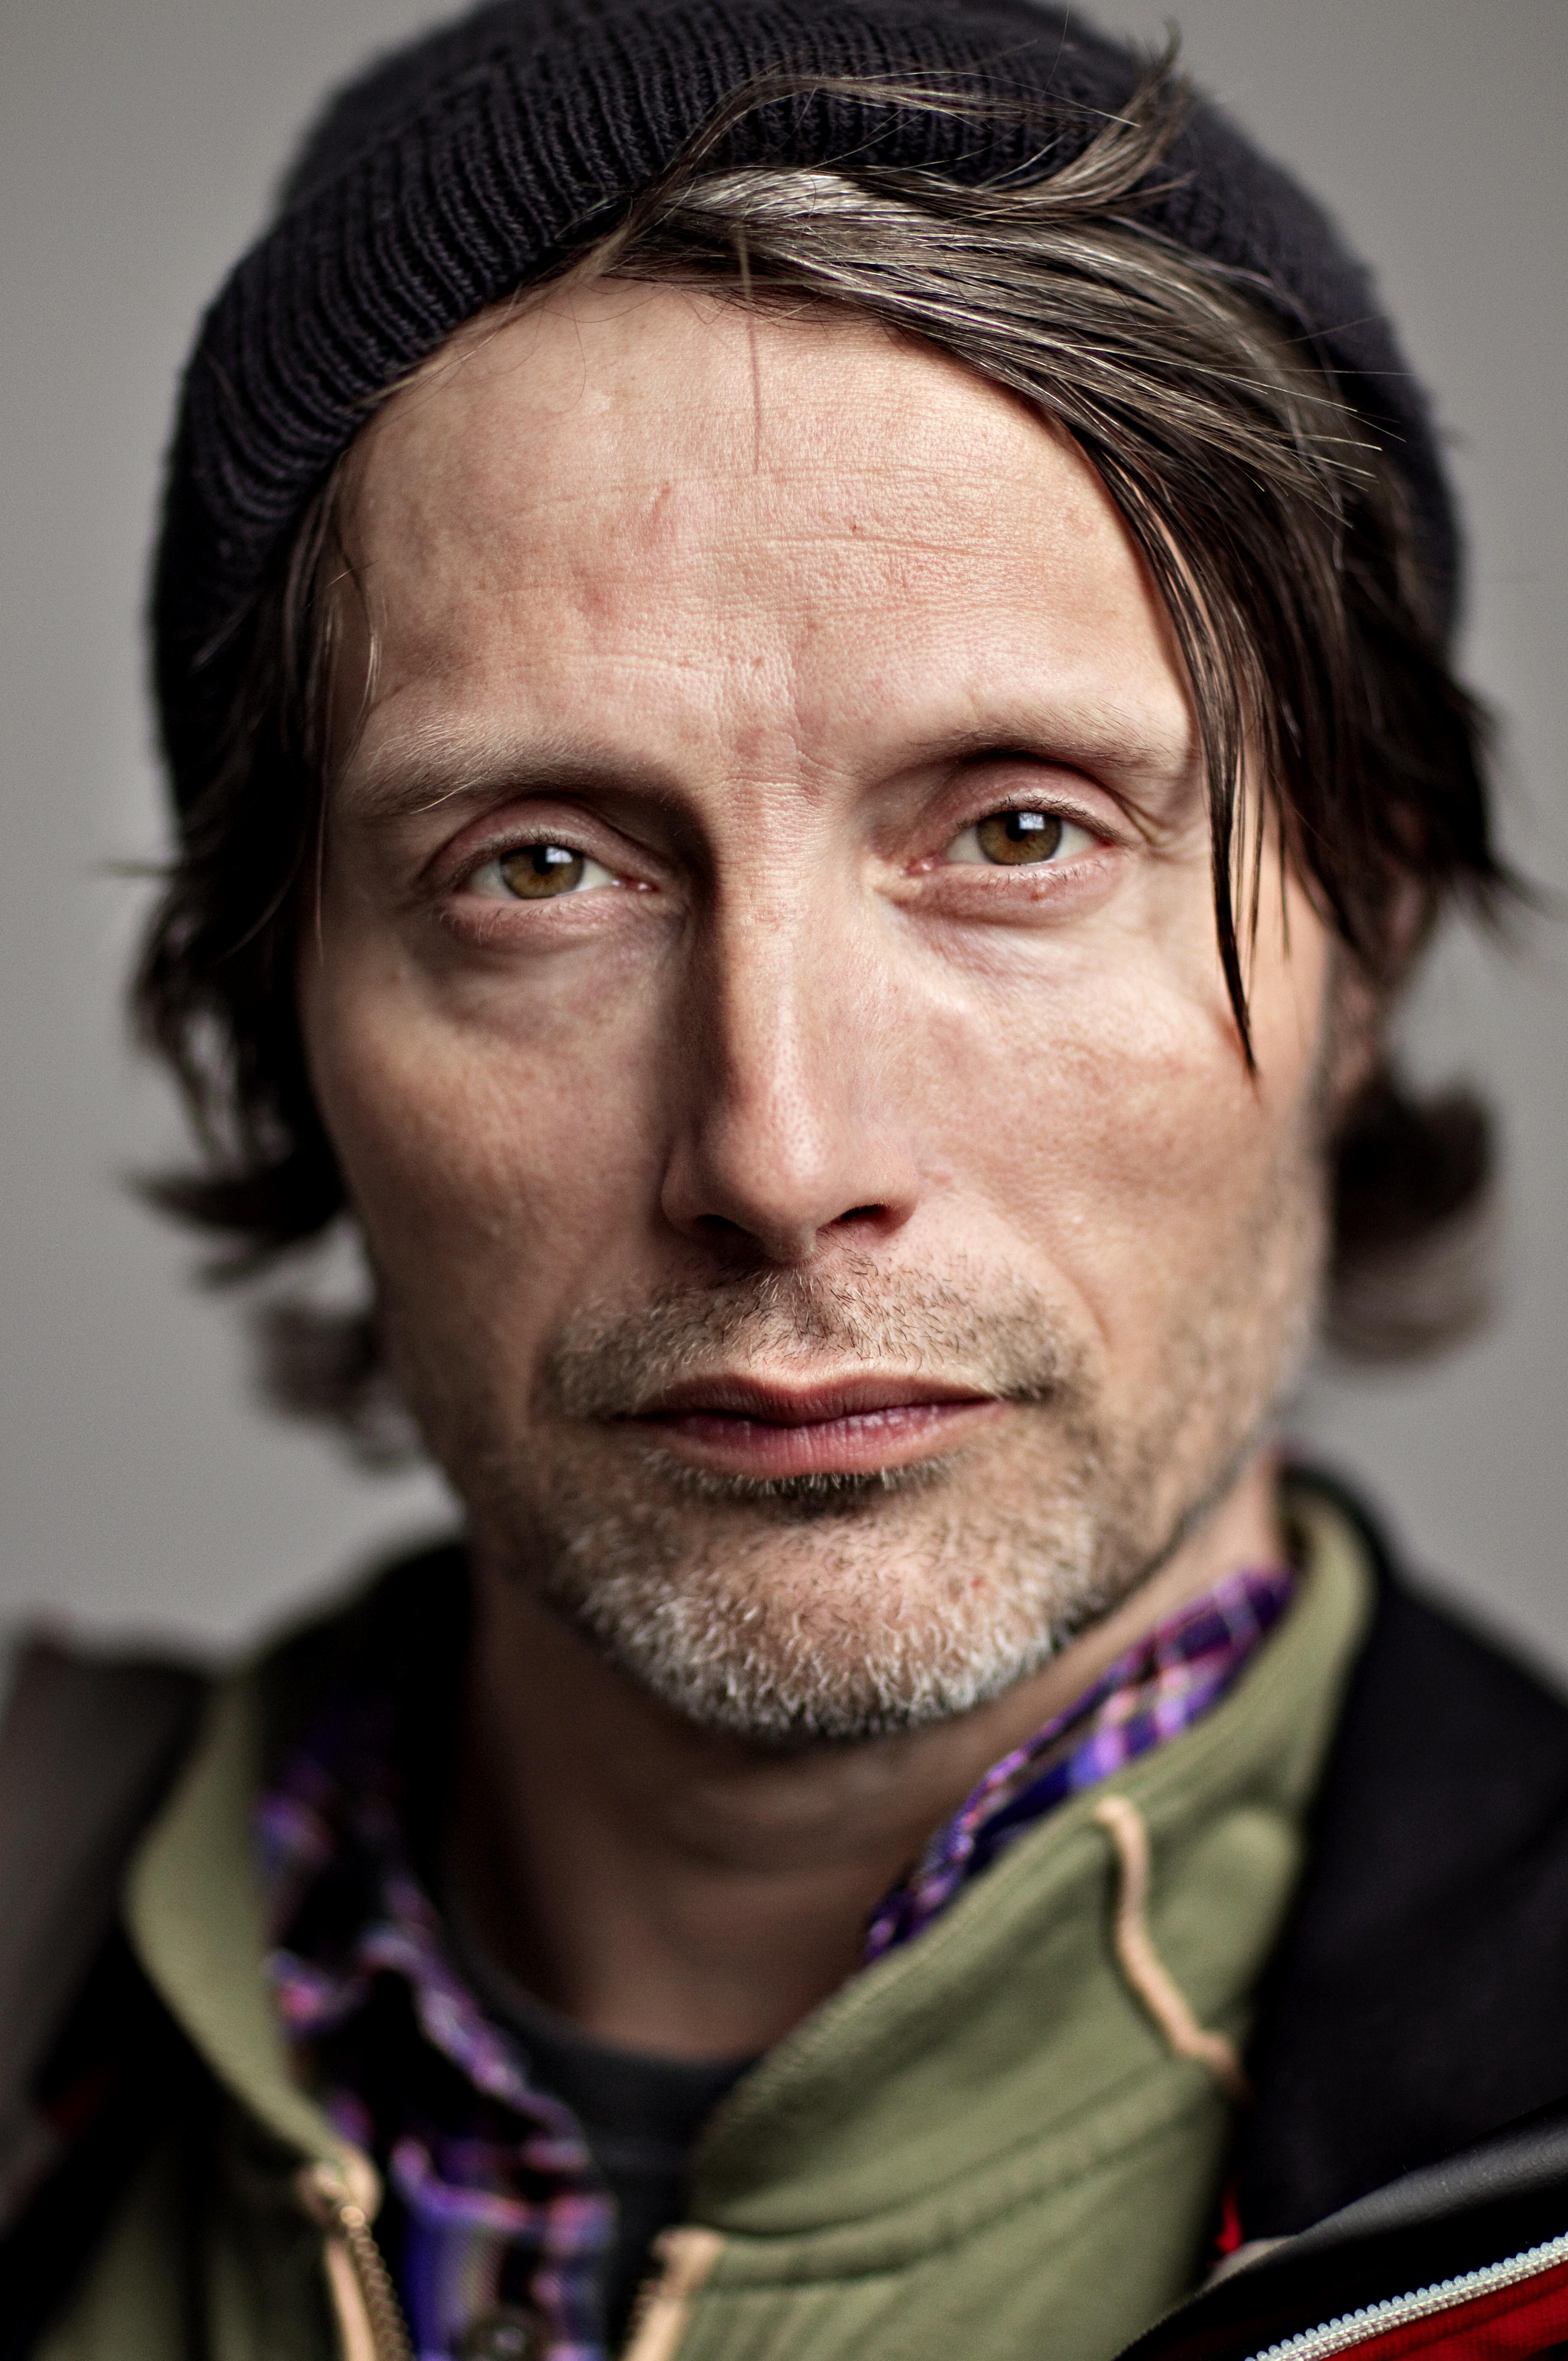 Film Mads Mikkelsen